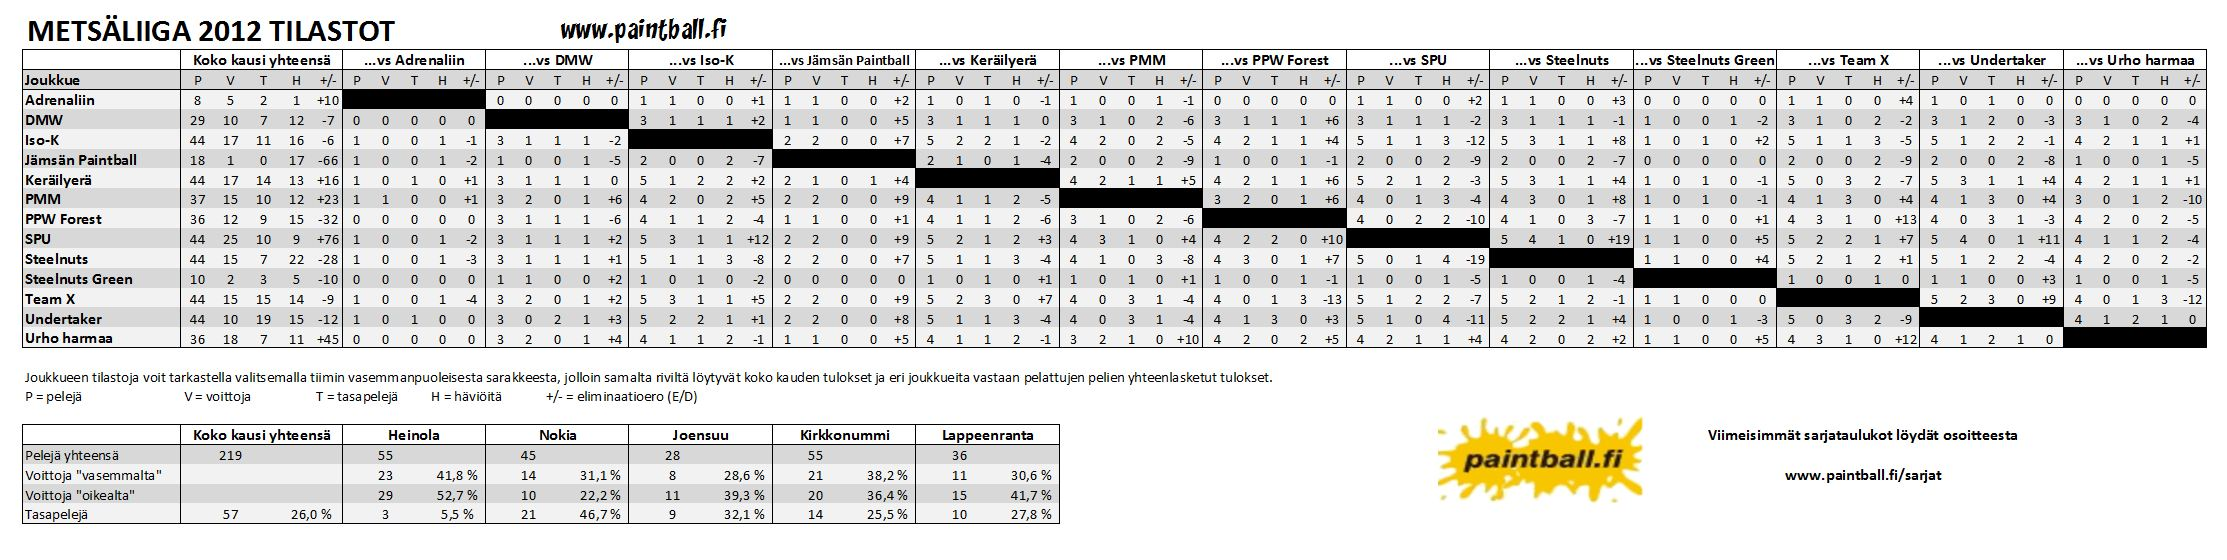 2012_metsaliiga_tilastot.png